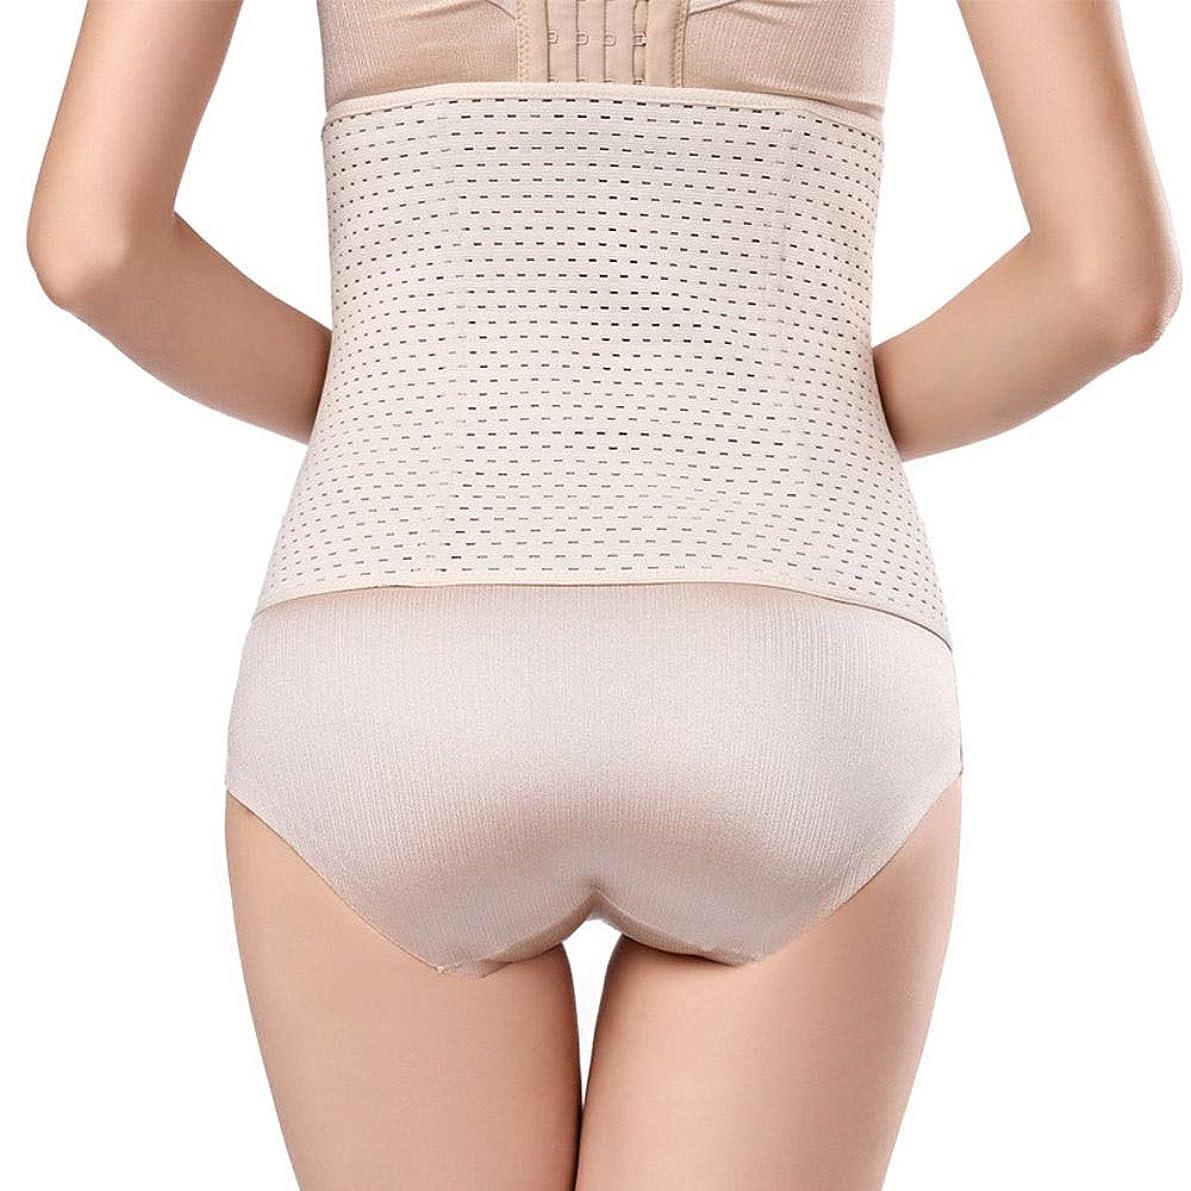 腹部ベルト産後腹部ベルトウエストコルセットベルトウエストボディシェイピングボディアンダーウェア6ブレストバインディングコルセットプラスチックベルトガードル (Size : XXL)